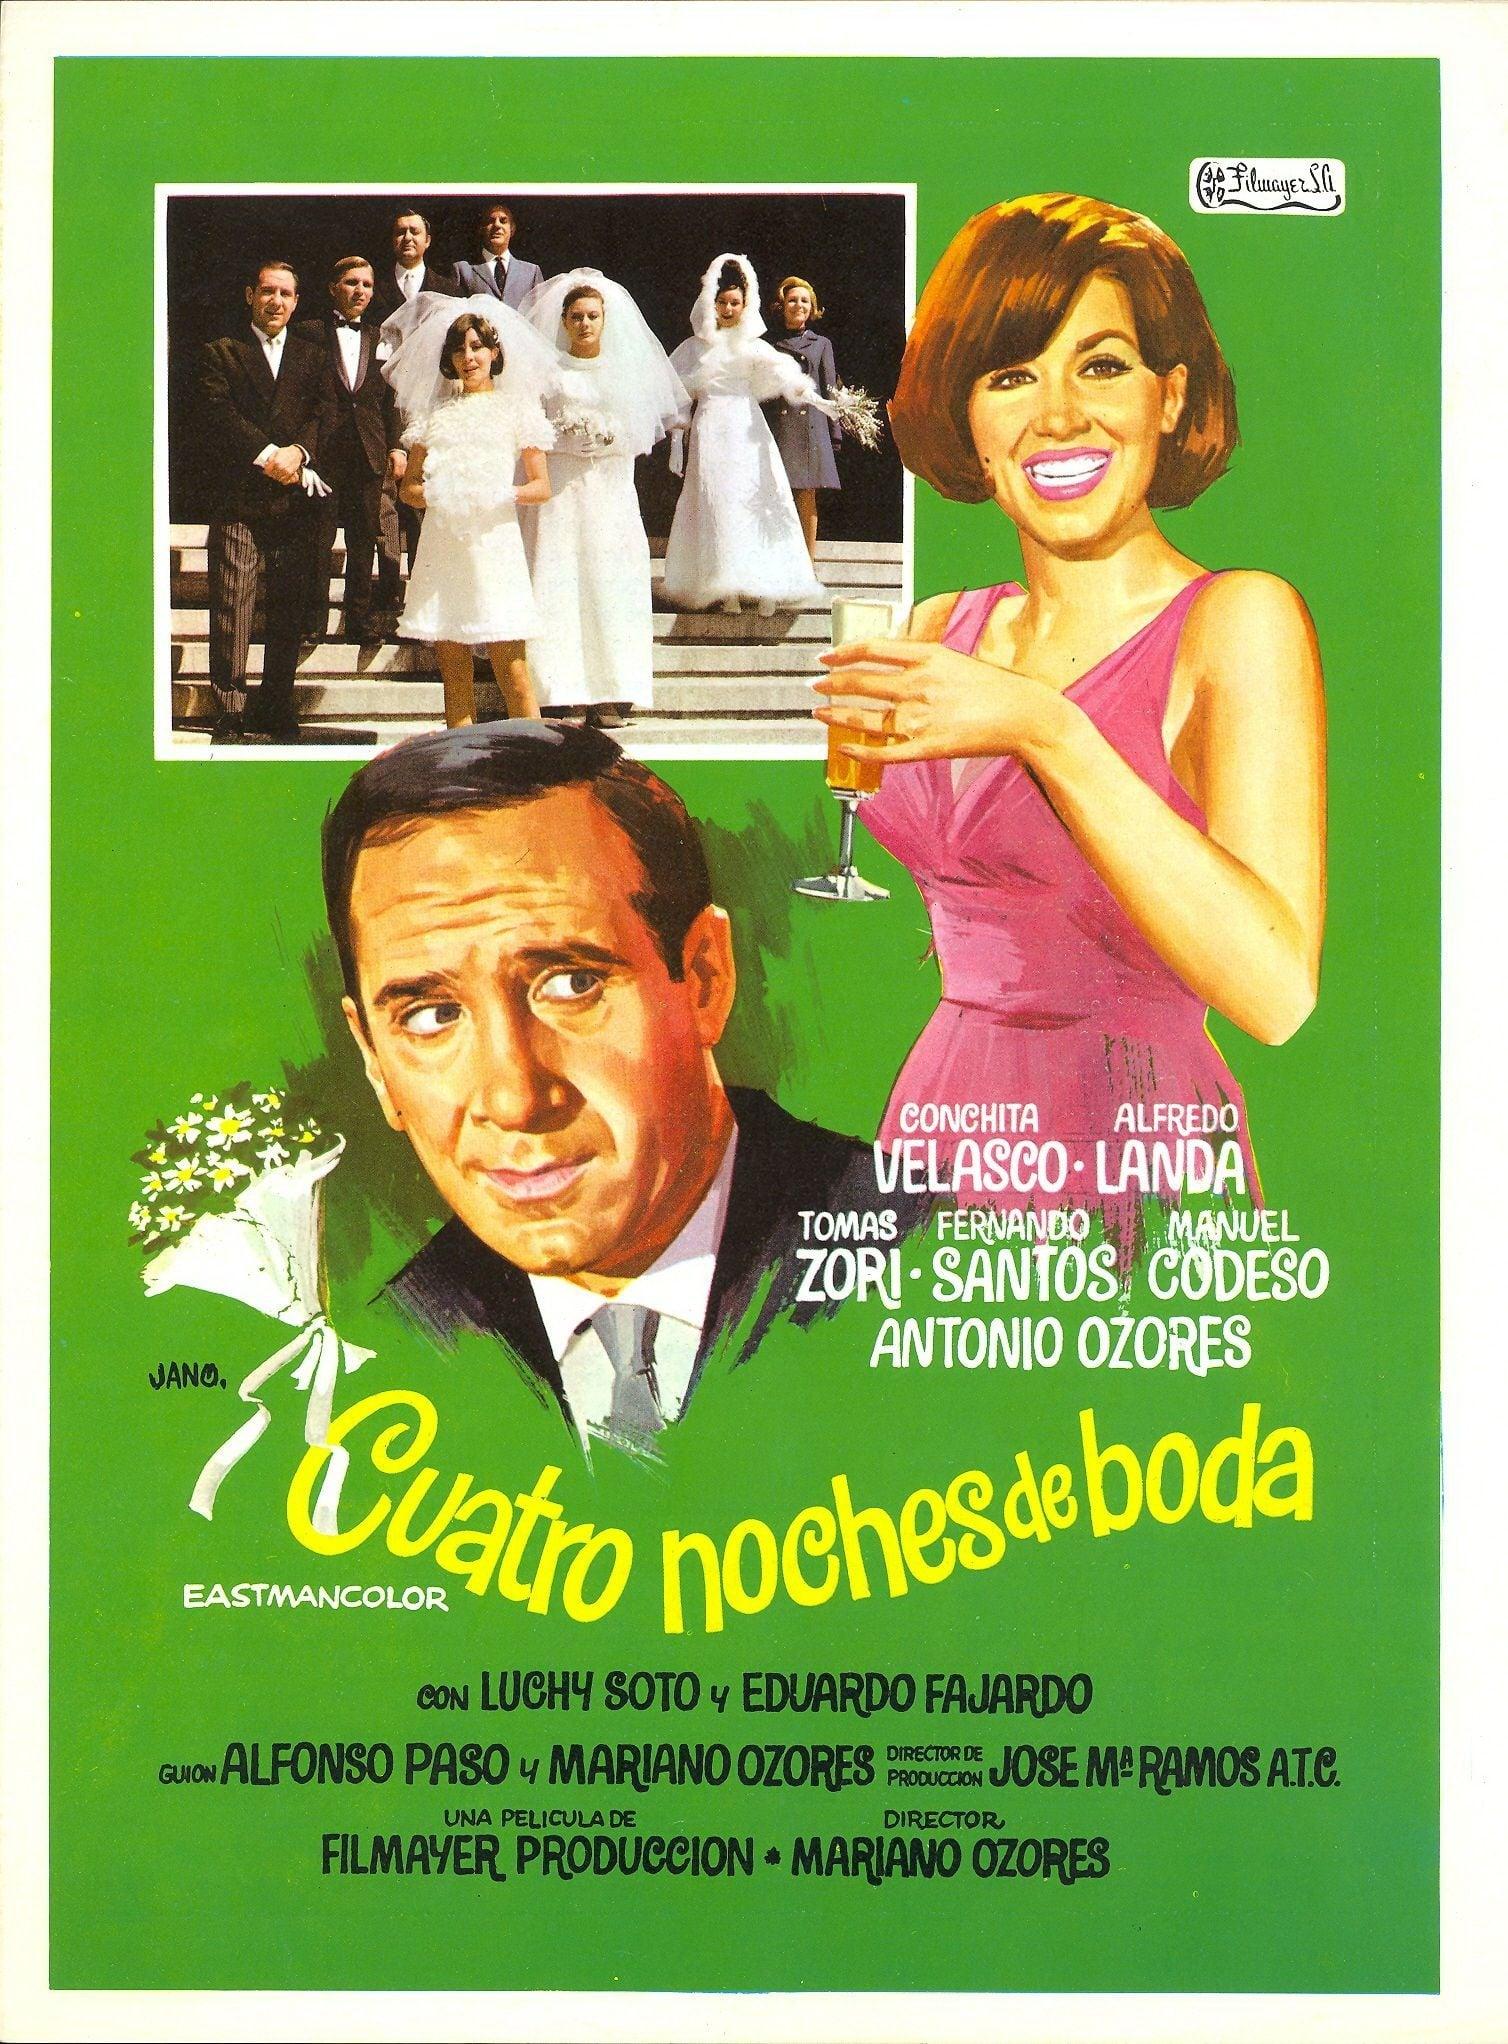 Cuatro noches de boda (1969)